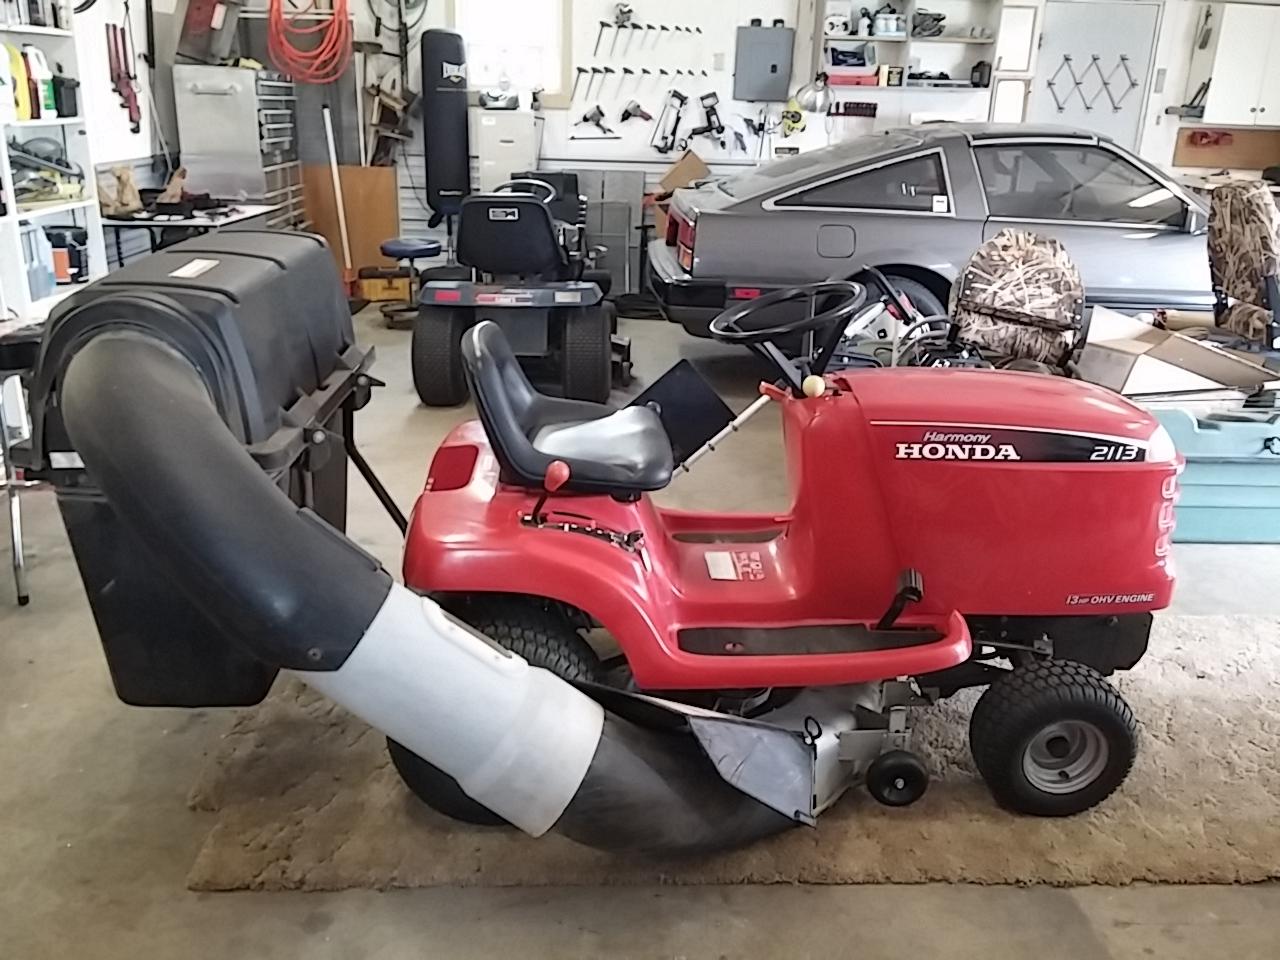 Honda Harmony H2113 GDA 2